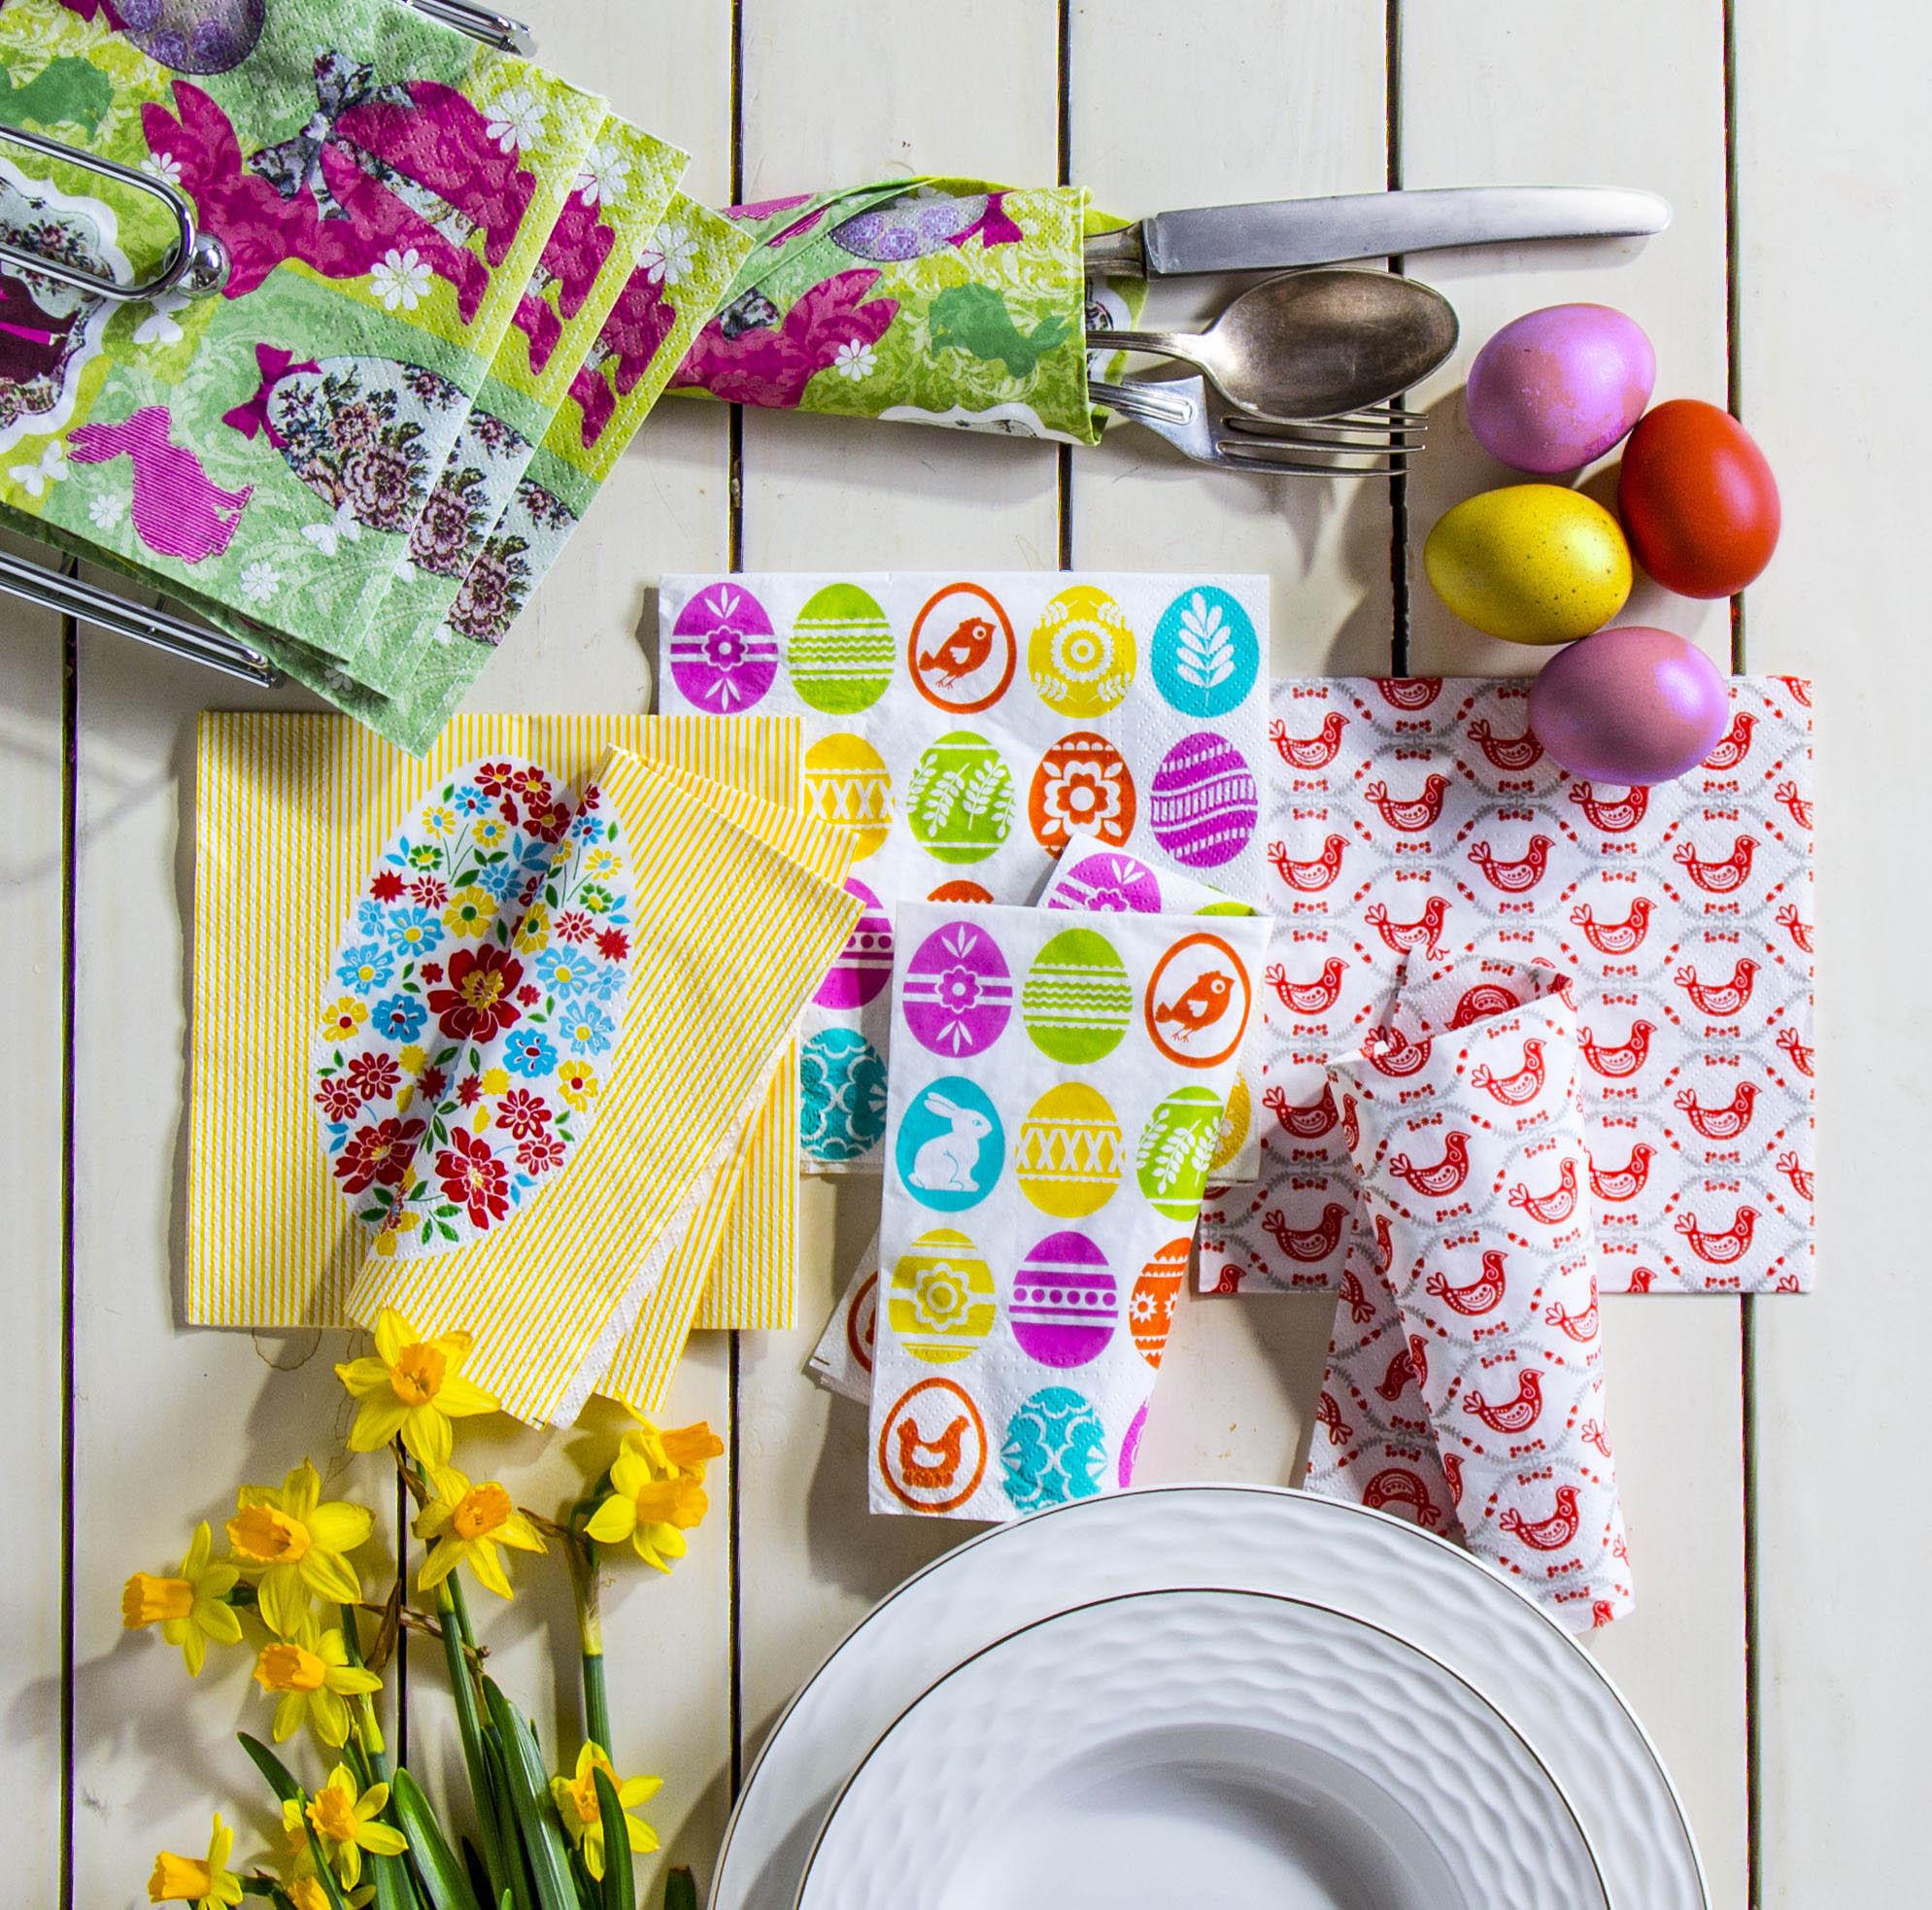 Jak Udekorować Stół Na Wielkanoc Pomysły Na Wielkanocne Dekoracje